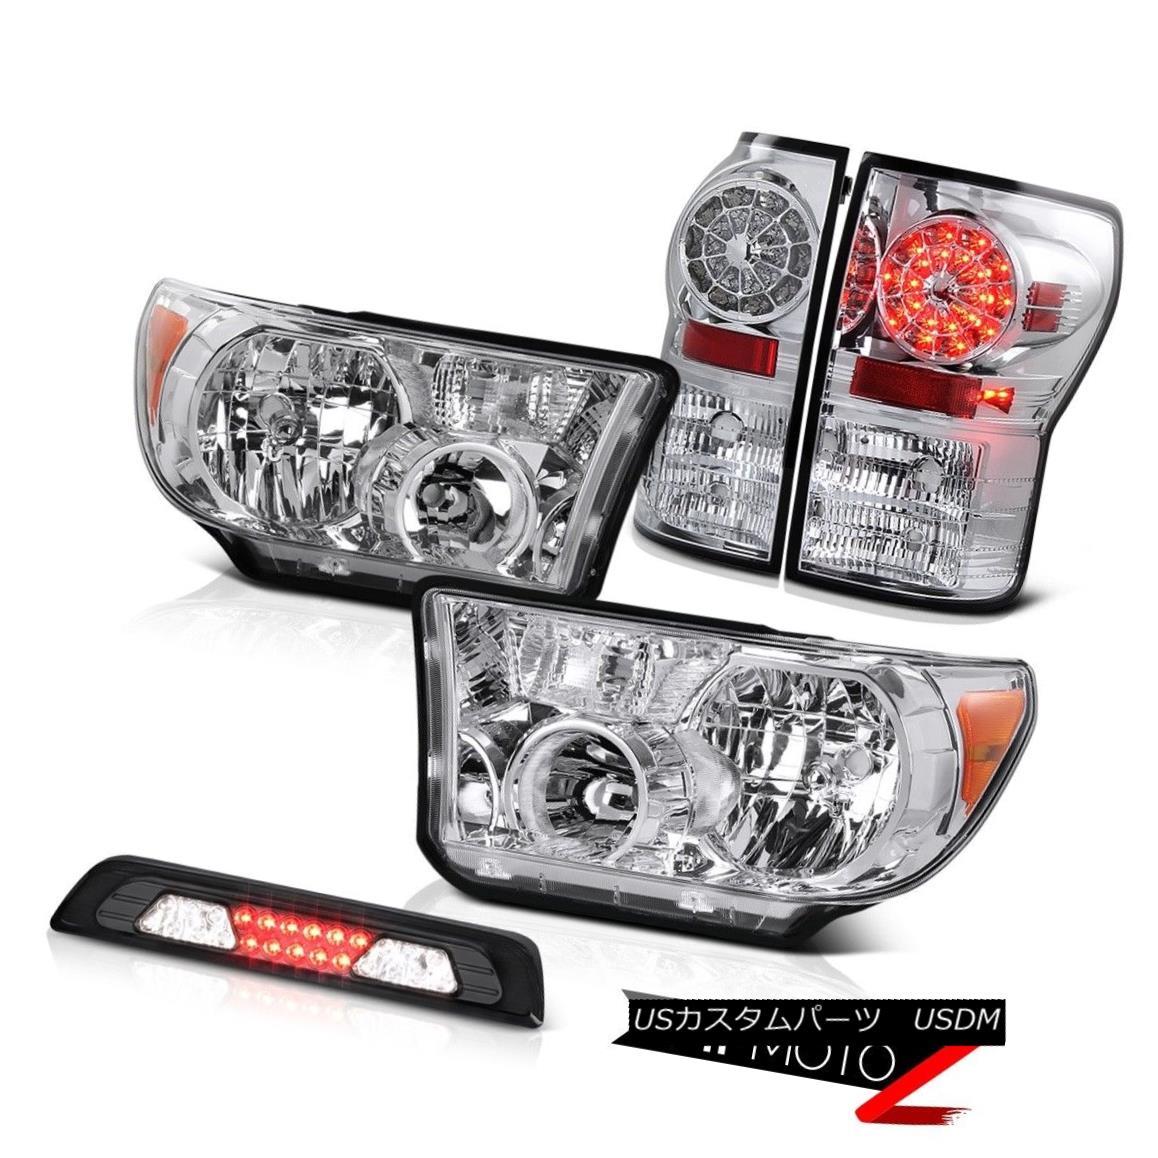 テールライト 07-13 Toyota Tundra SR5 Chrome Headlamps High Stop Lamp Parking Brake Lights LED 07-13トヨタトンドラSR5クロームヘッドランプハイストップランプパーキングブレーキライトLED